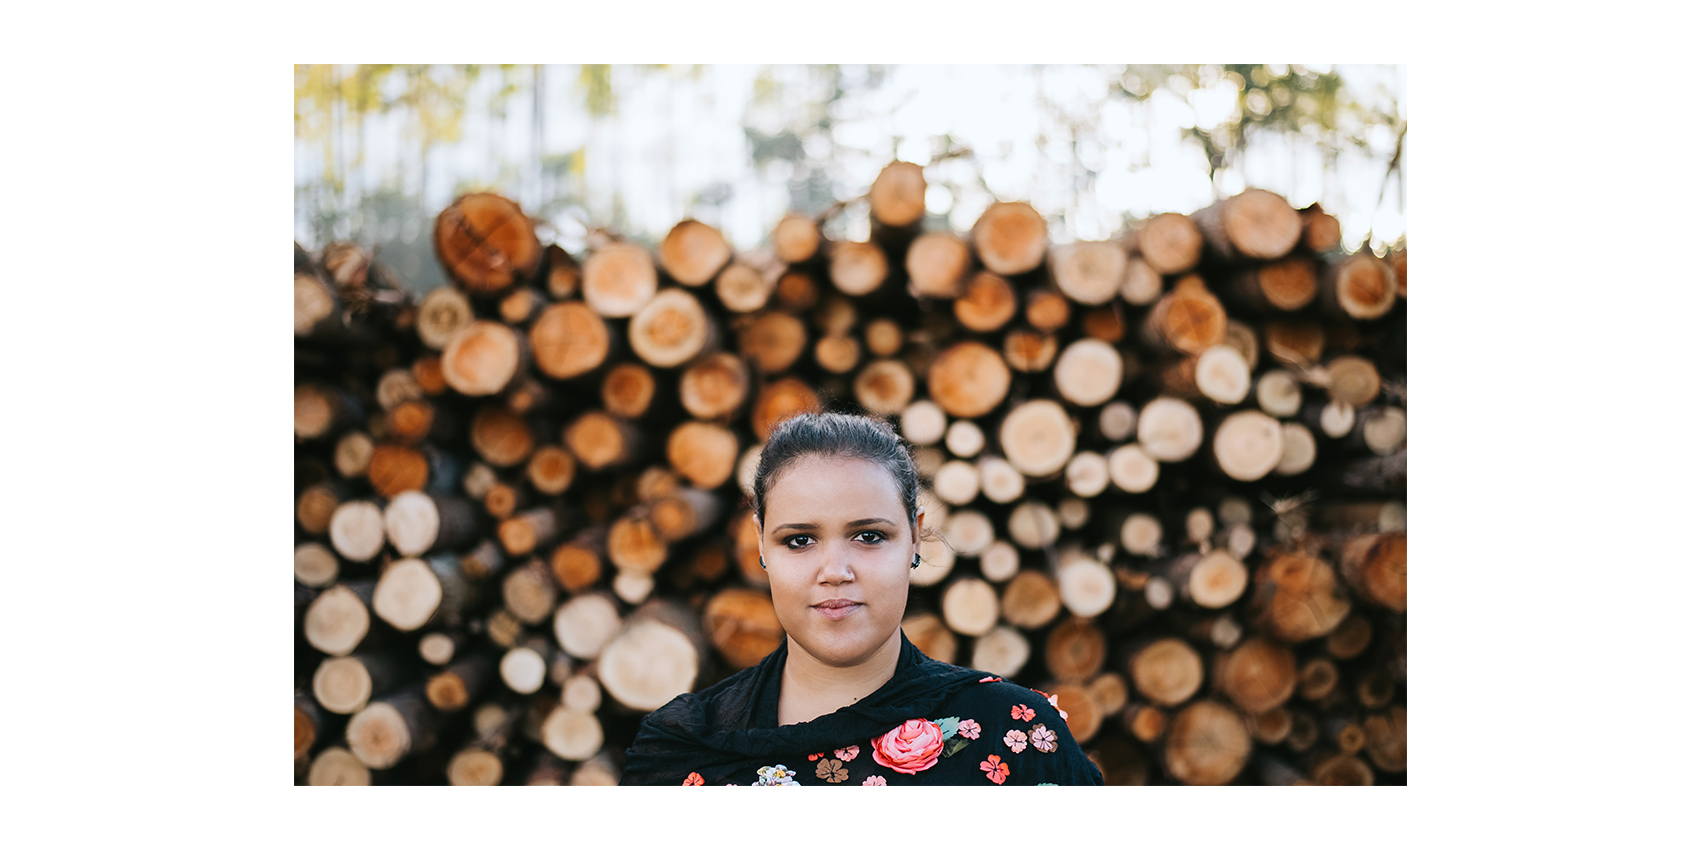 Sobre Flávia Balbino - Fotógrafa em Belo Horizonte